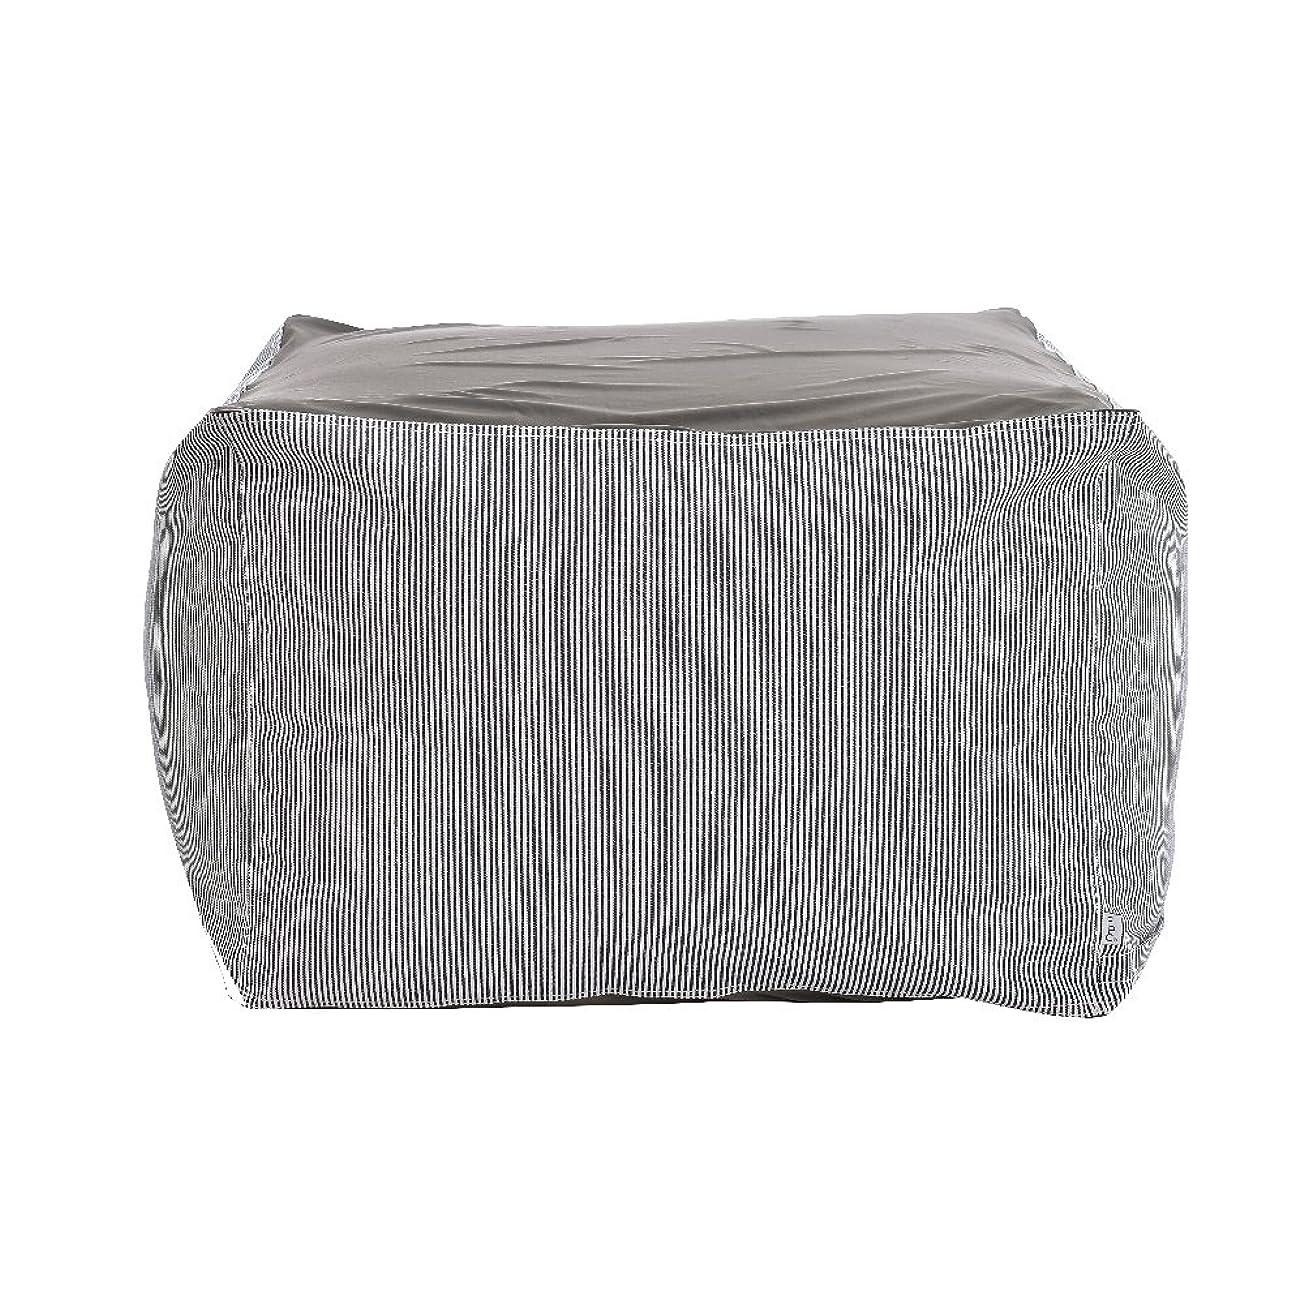 差別的ビリーヤギ故意にビーズクッション 座布団 体が吸い付いてリラクスできる どんな座り方でもくつろぐ (ブラウン, 90*110cm)